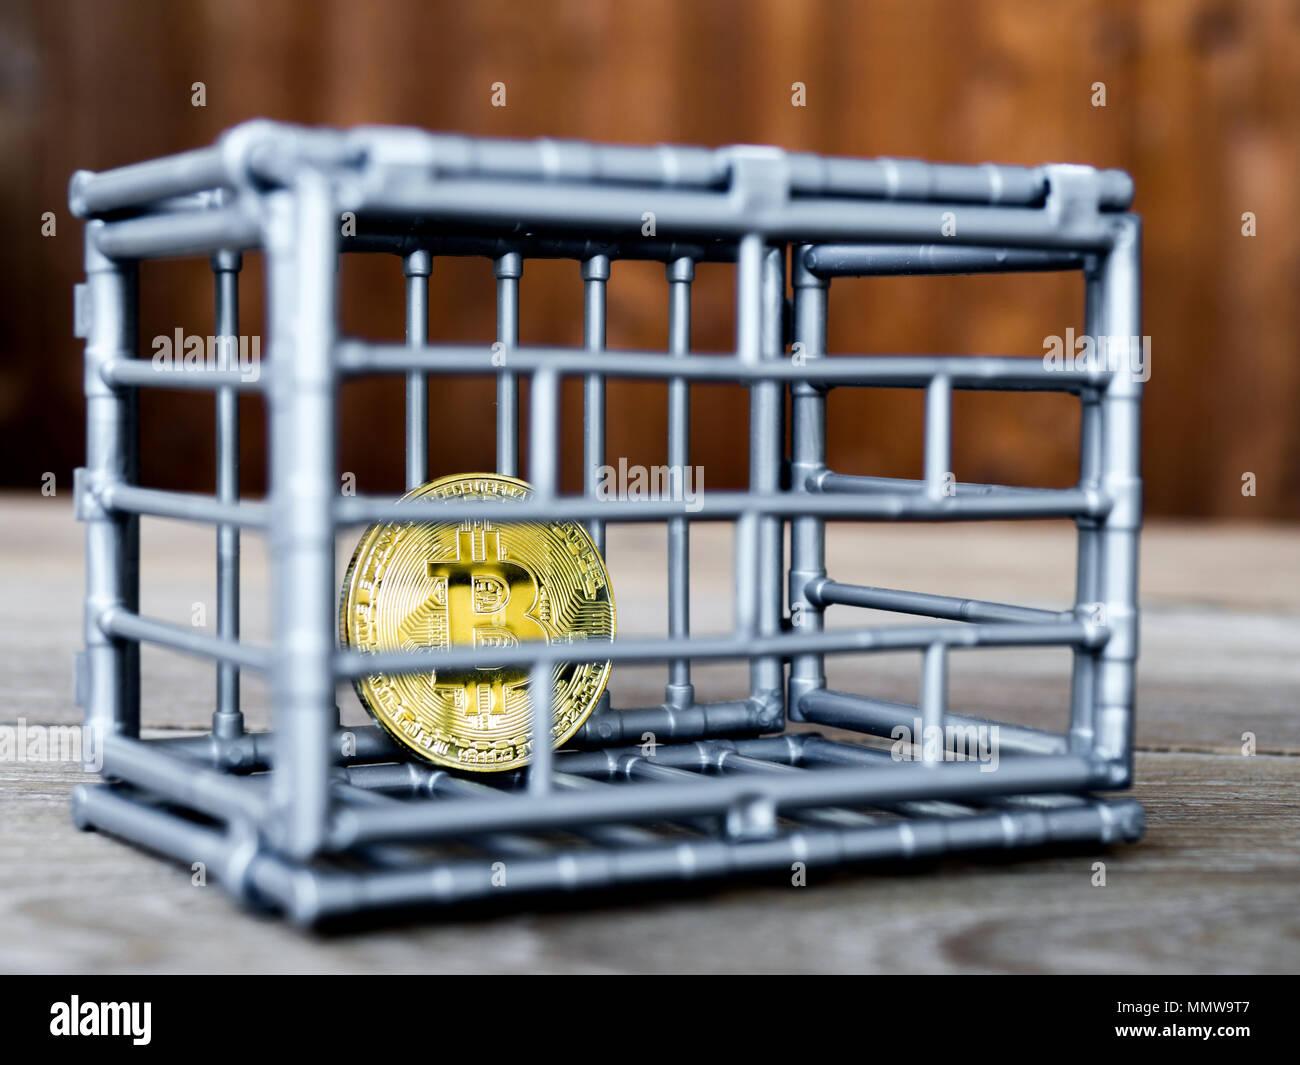 La moneta è in grigio colore nick mettere su un tavolo di legno. Il concetto di investimento e di fluttuazione di bitcoin e cryptocurrency. Immagini Stock